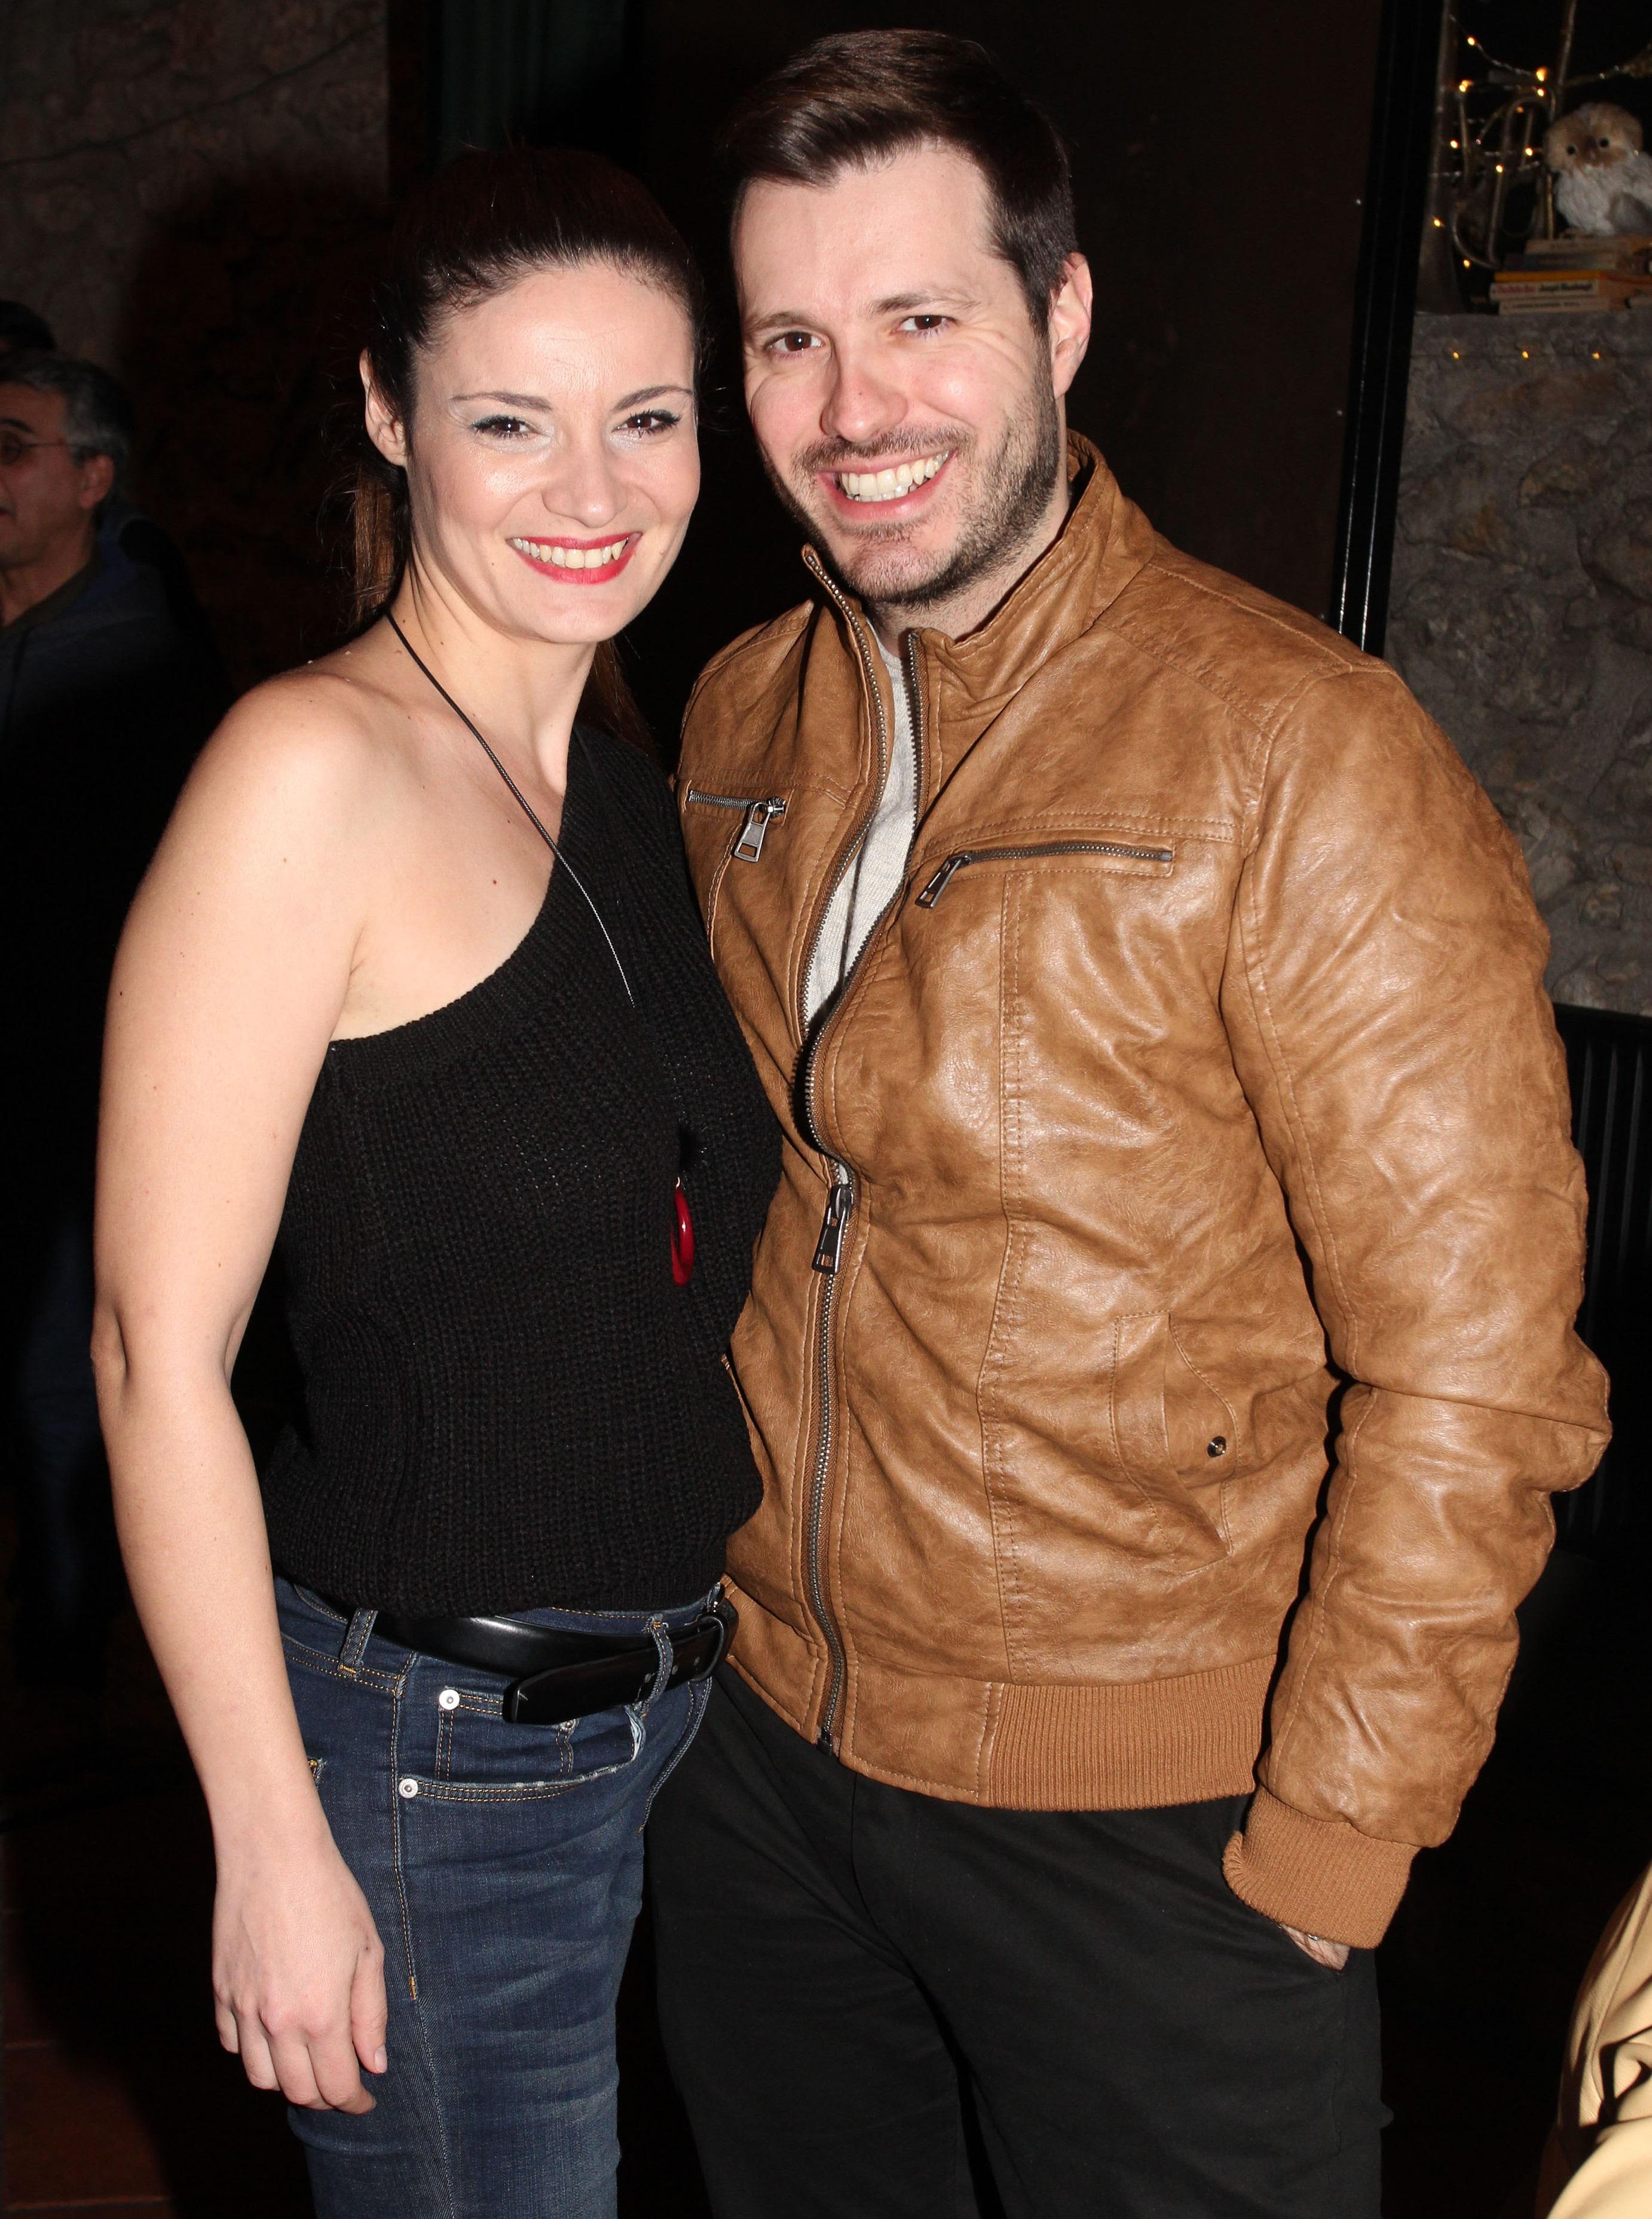 Από φίλοι έγιναν ζευγάρι: Αυτό είναι το νέο ζευγάρι της ελληνικής showbiz!